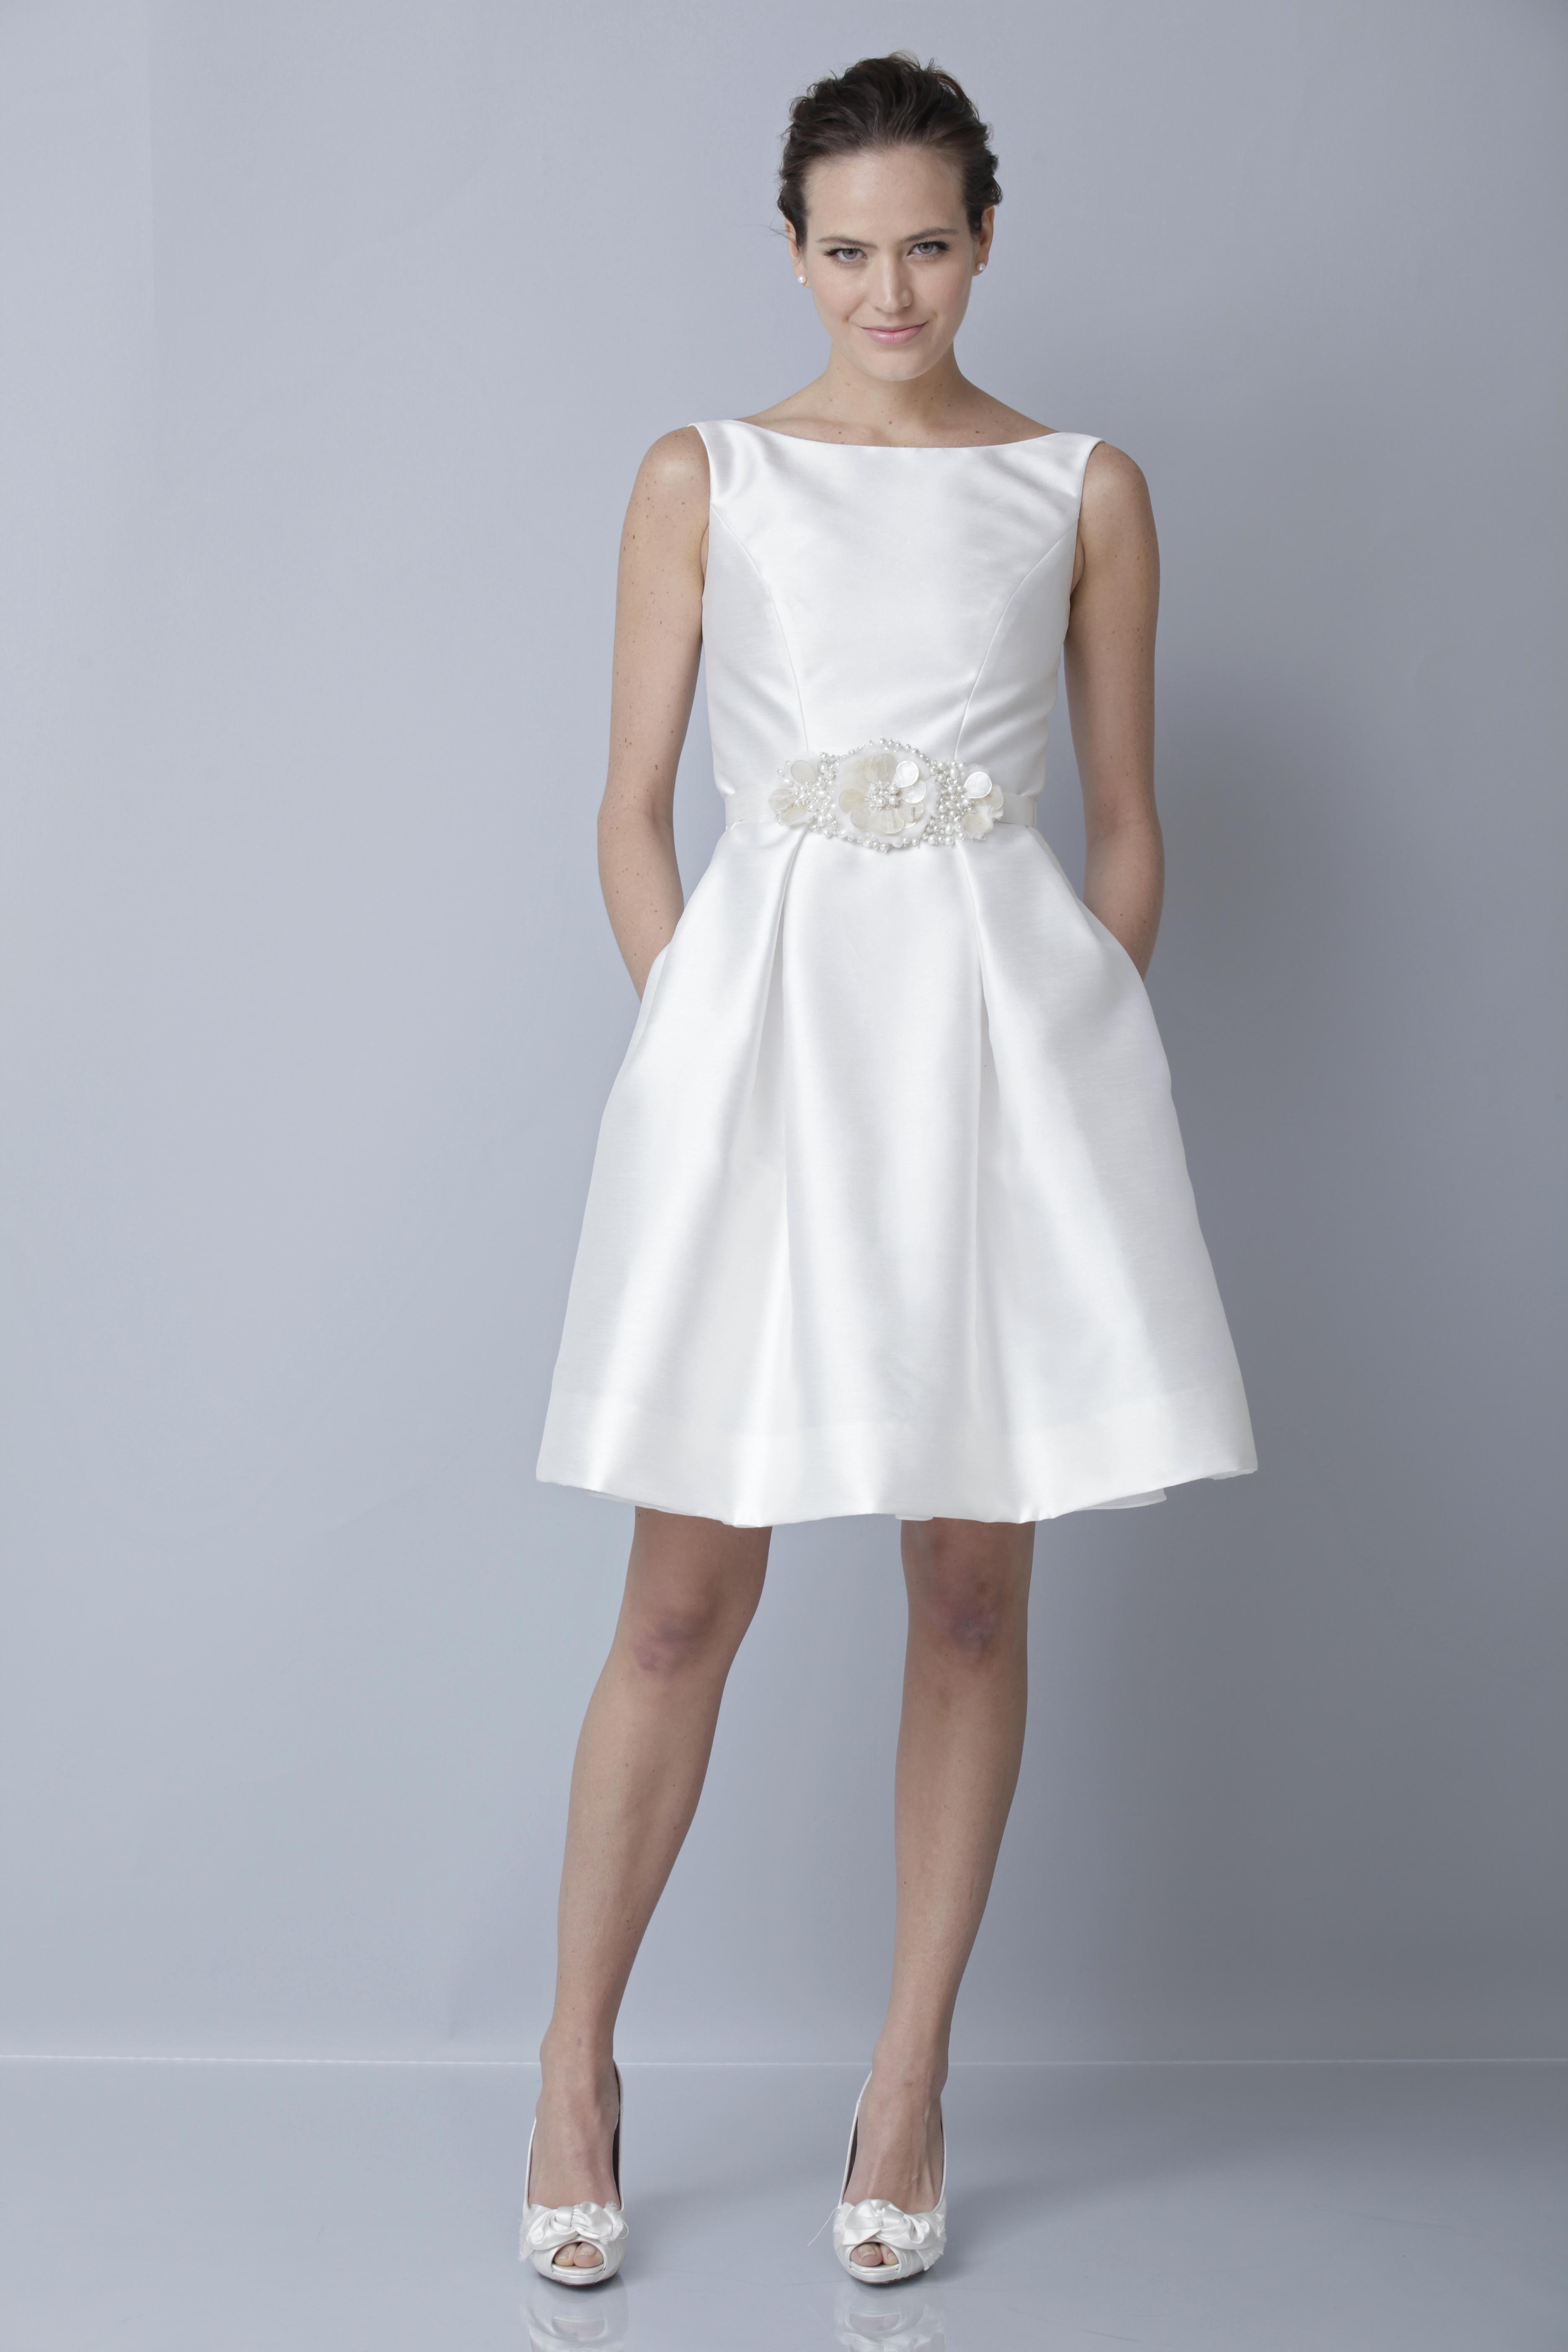 Theia White Collection Wedding Dress Spring 2013 Bridal